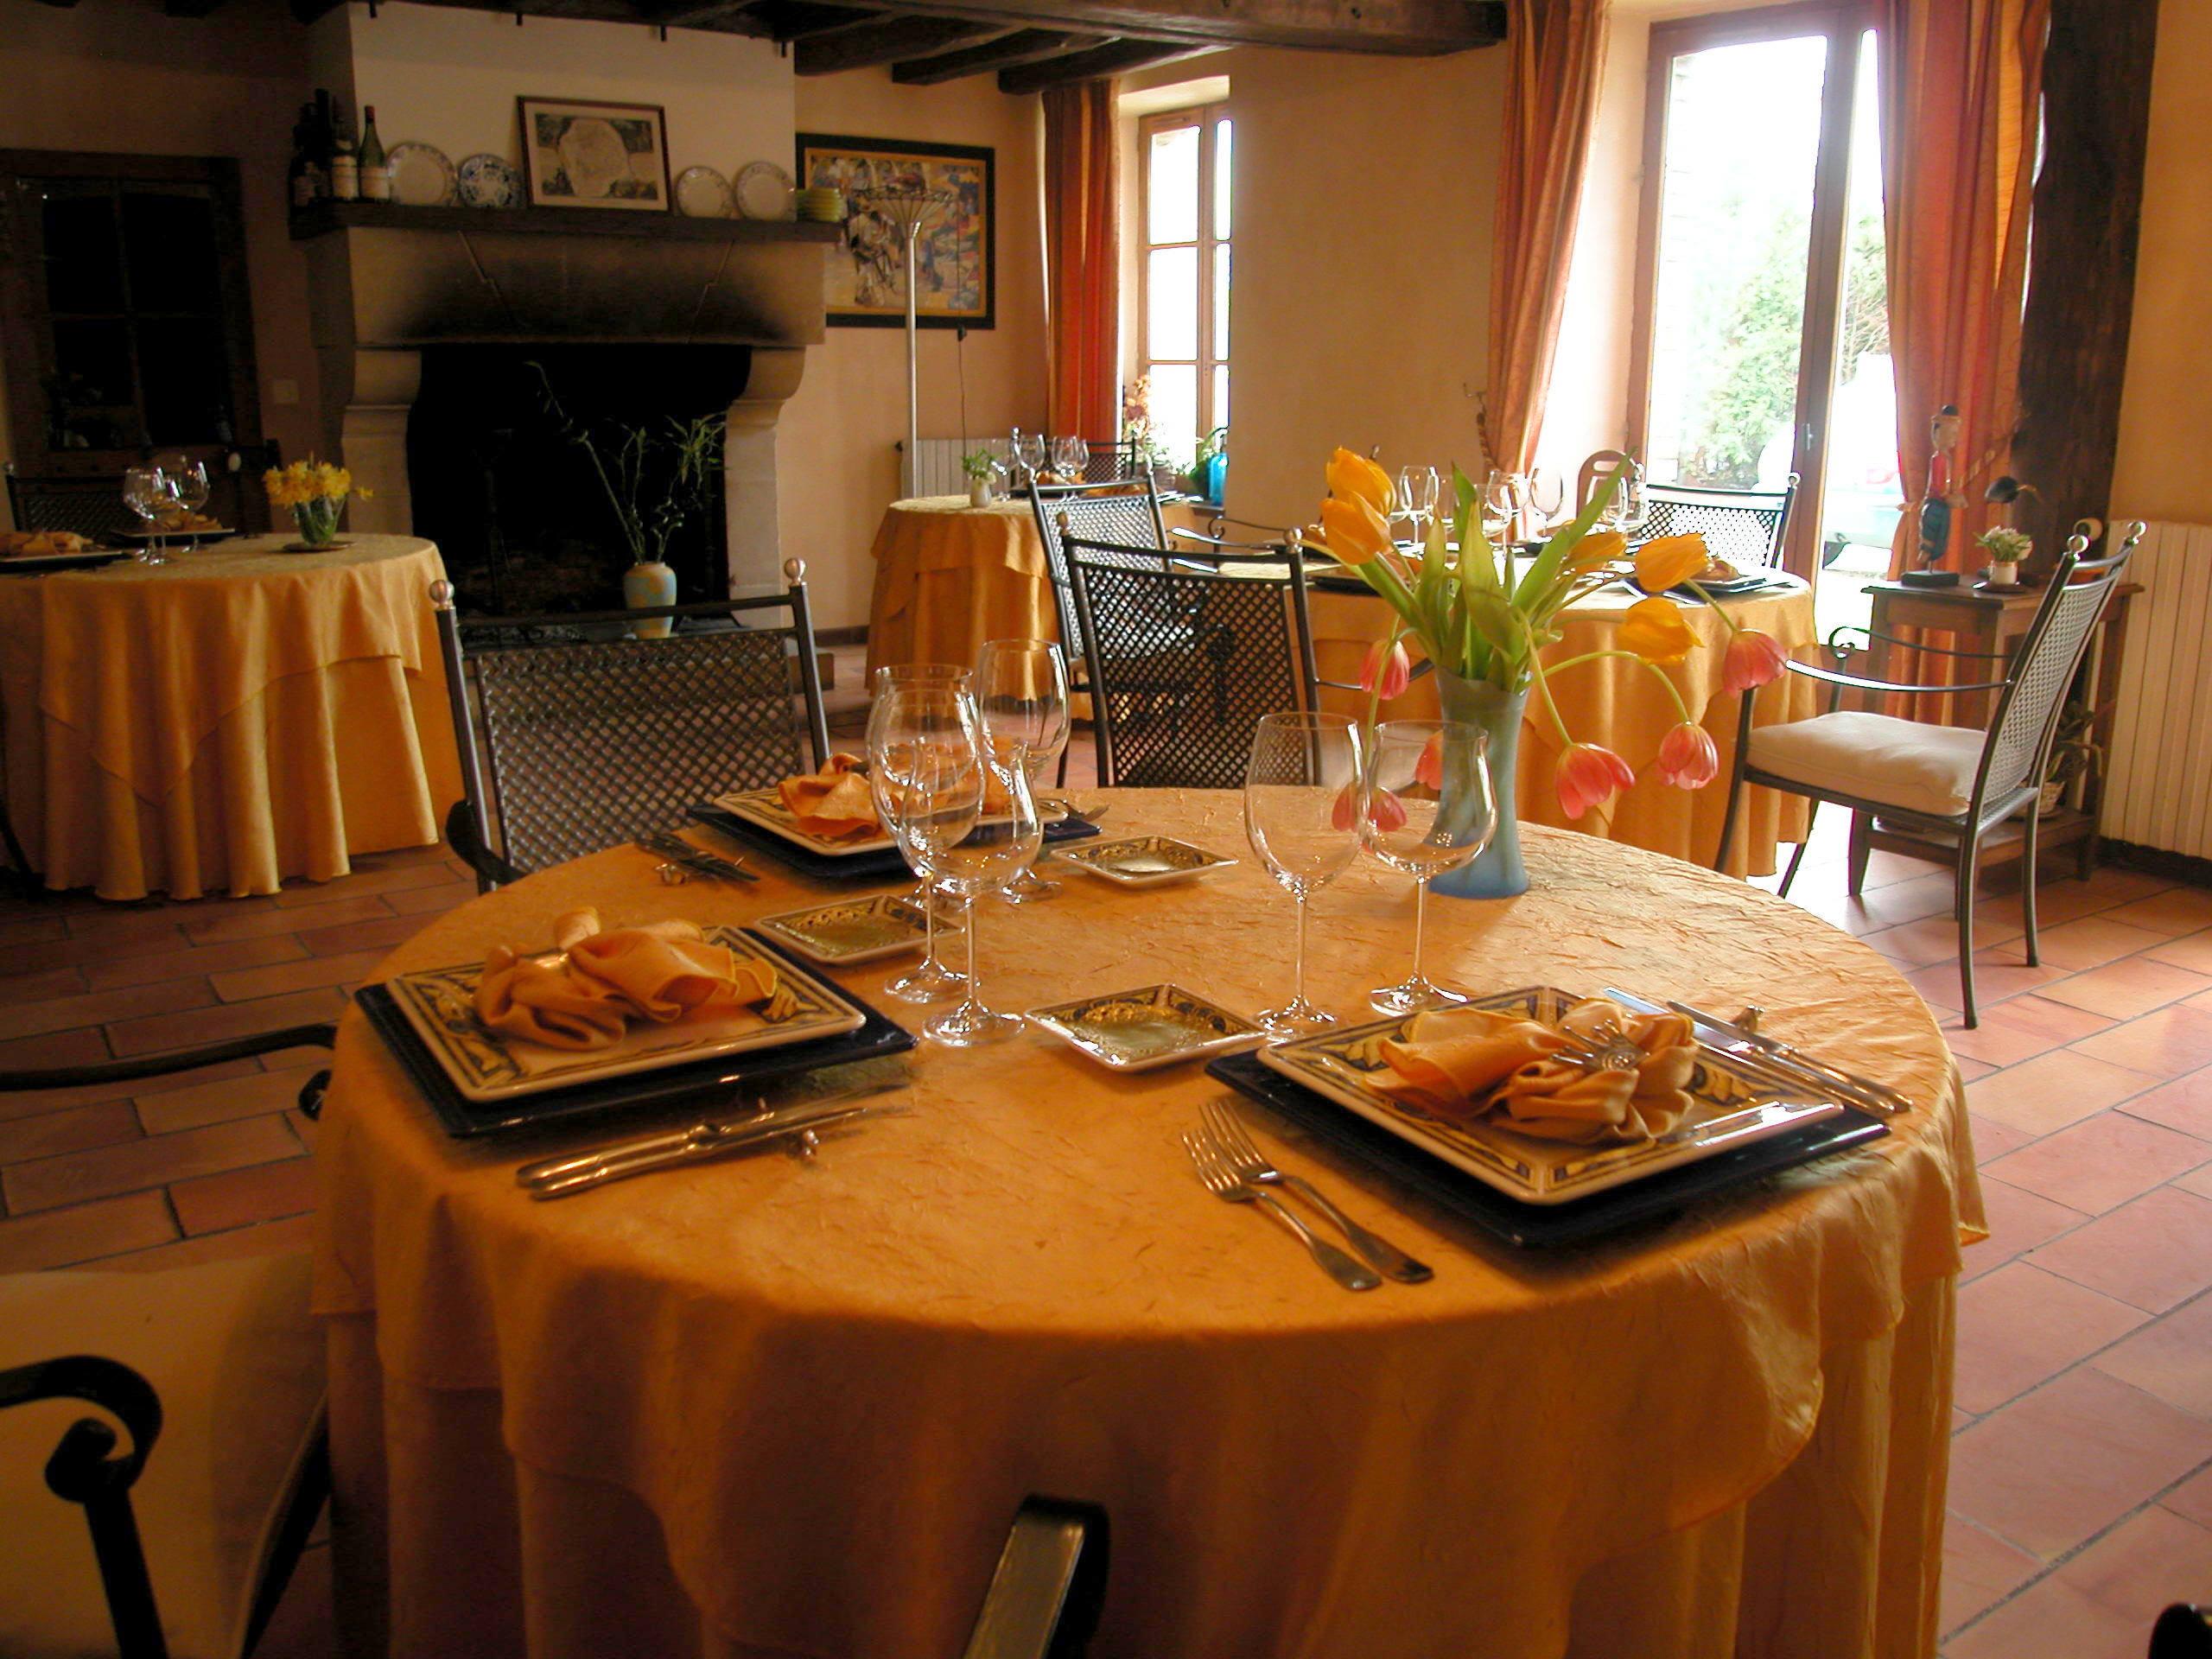 Restaurant restaurant 39 le montr al 39 saint germain les belles for Equipement restaurant laval